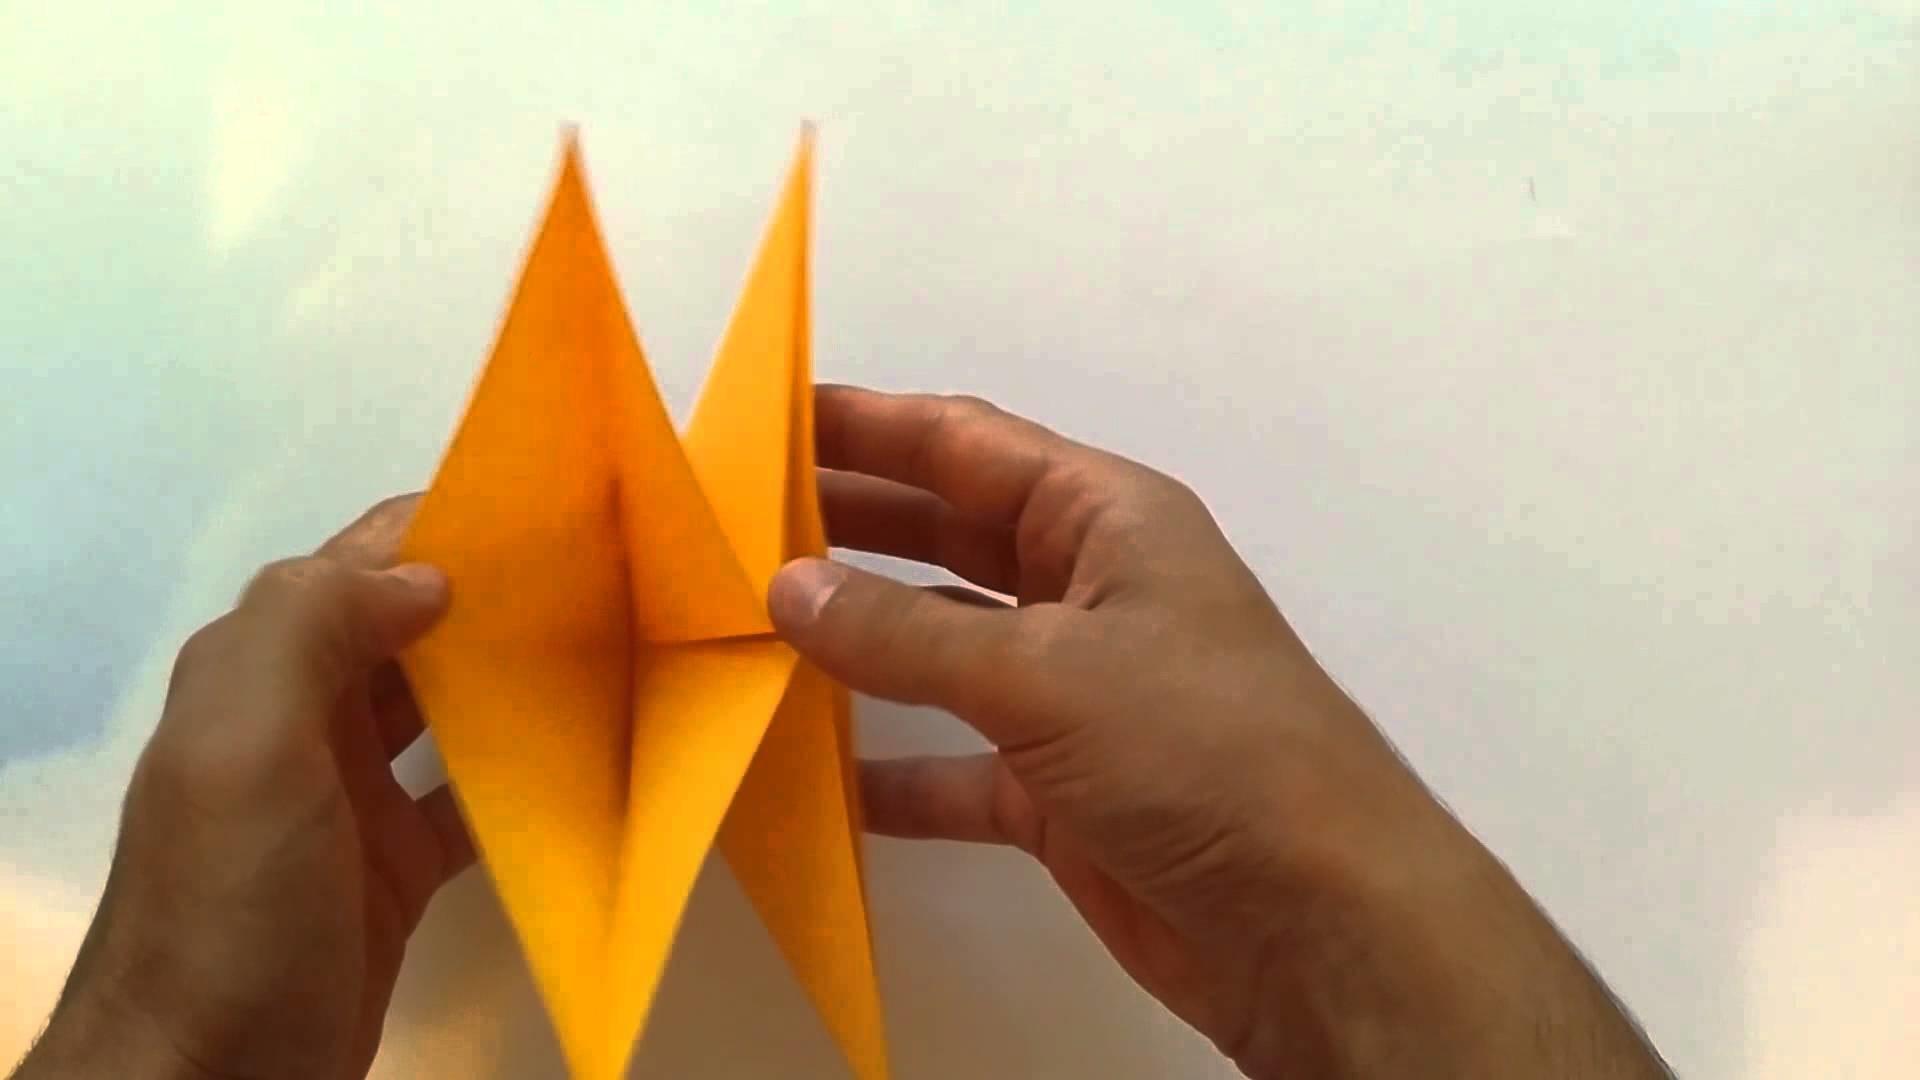 Hoe Maak Je Een Halloween Pompoen.Hoe Maak Je Een Pompoen Maken Origami Pompoen Paper